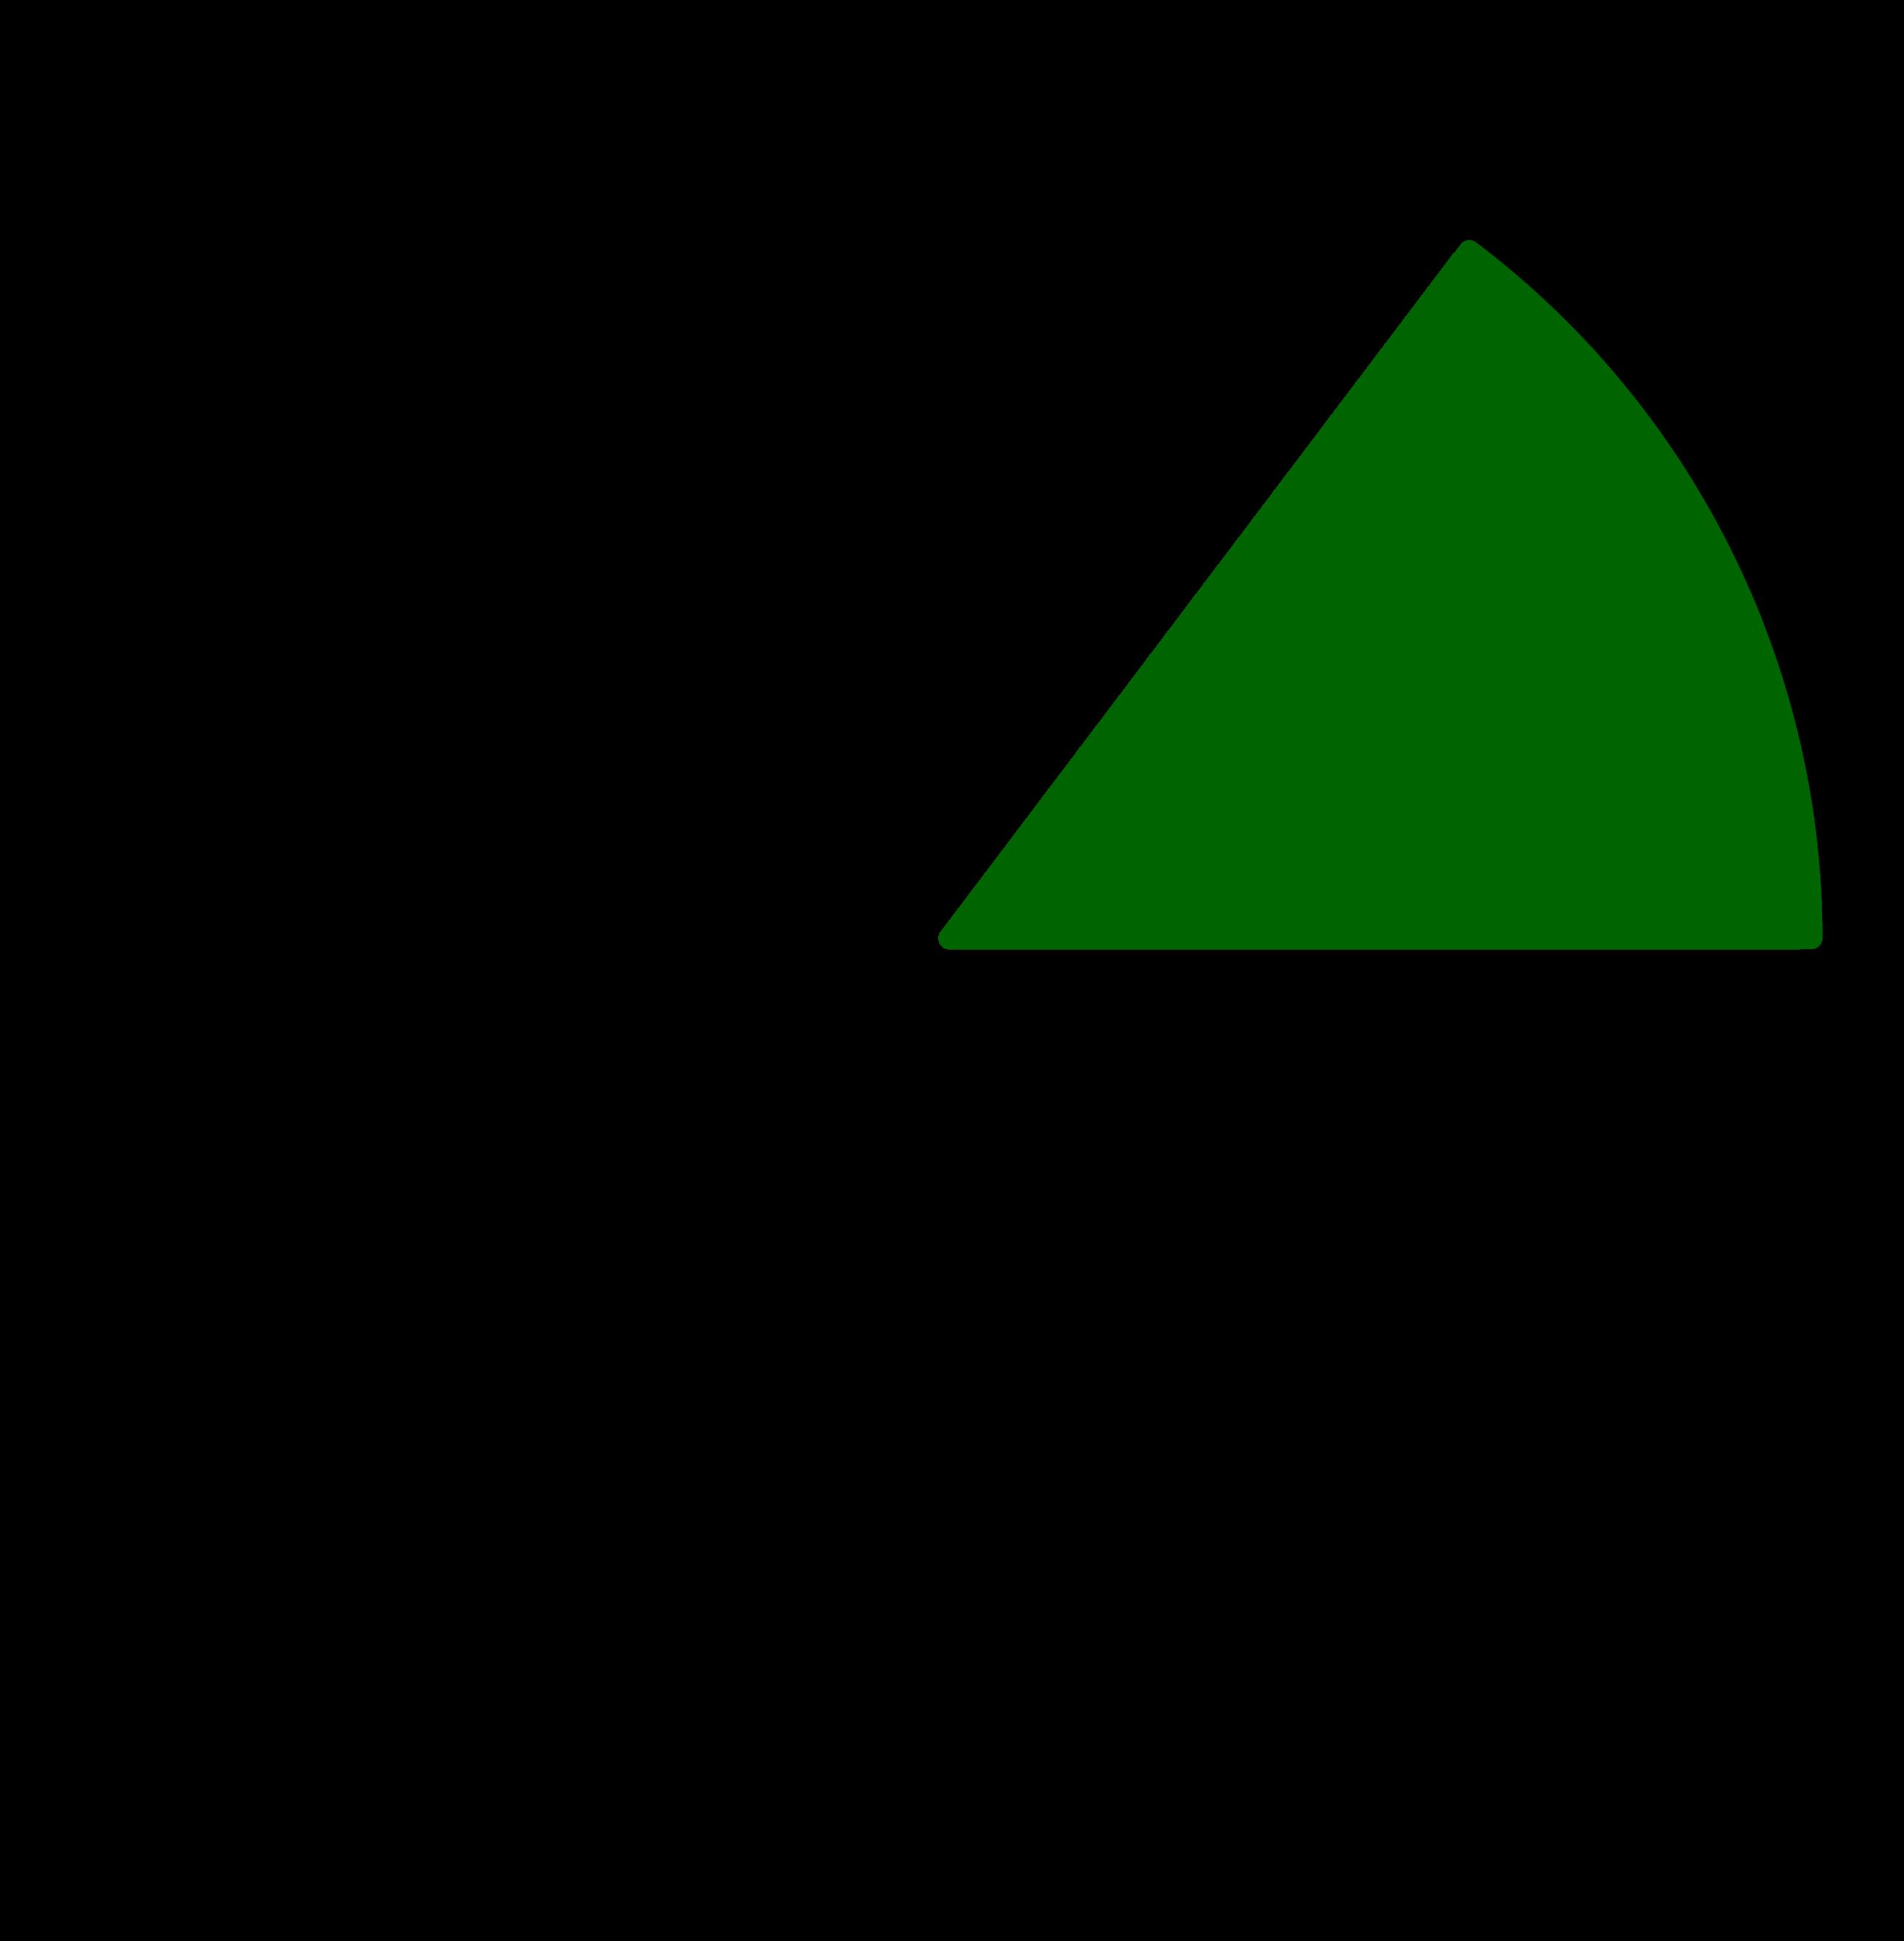 Kreis Kreissektor